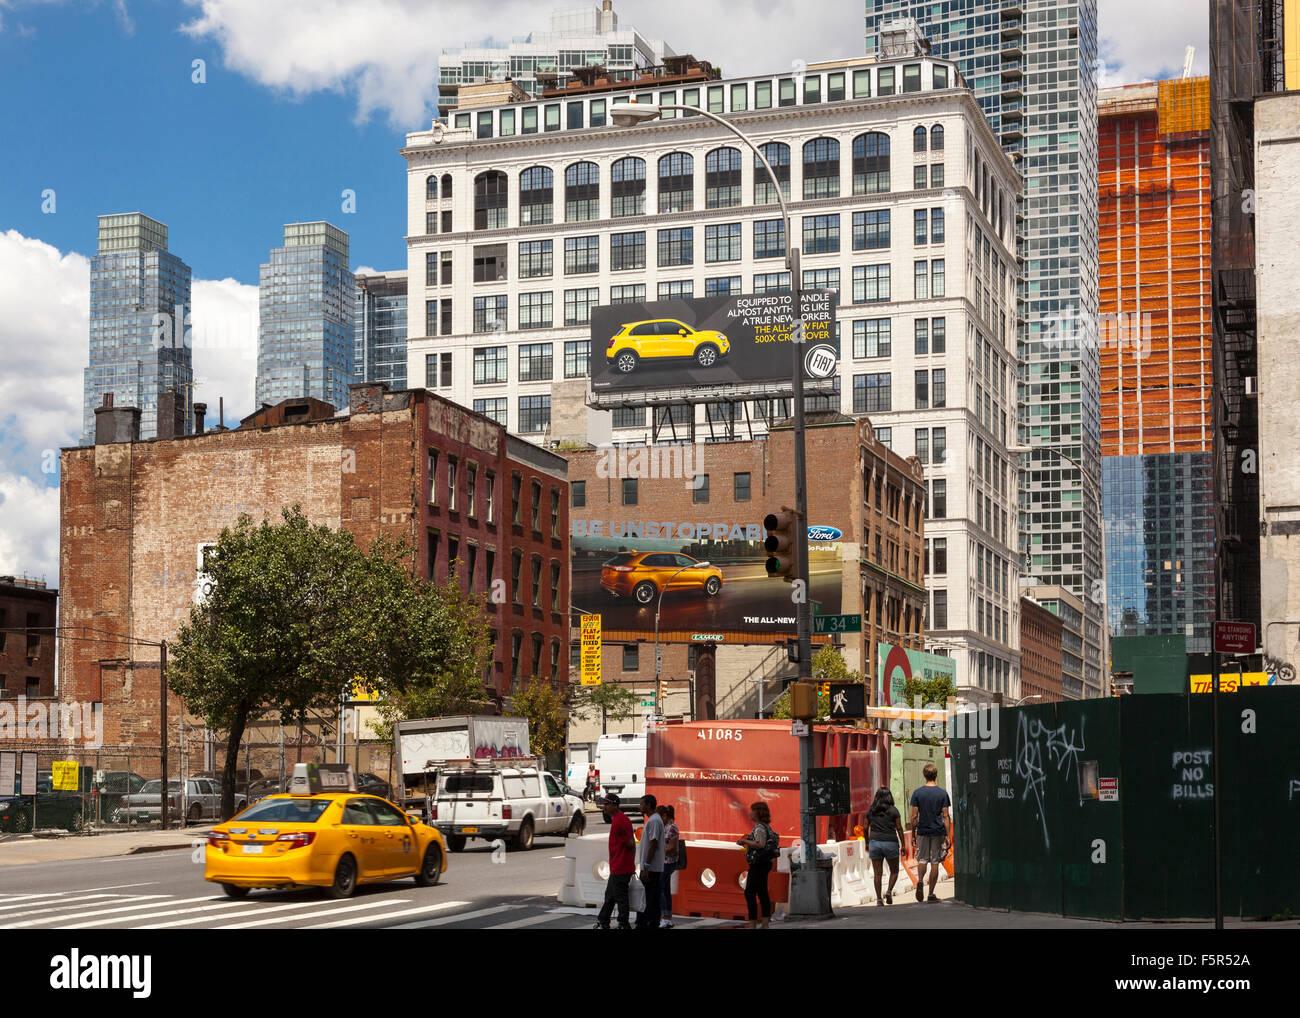 Moderno Nueva York Cocina Del Infierno De Horizonte De Hotel Patrón ...